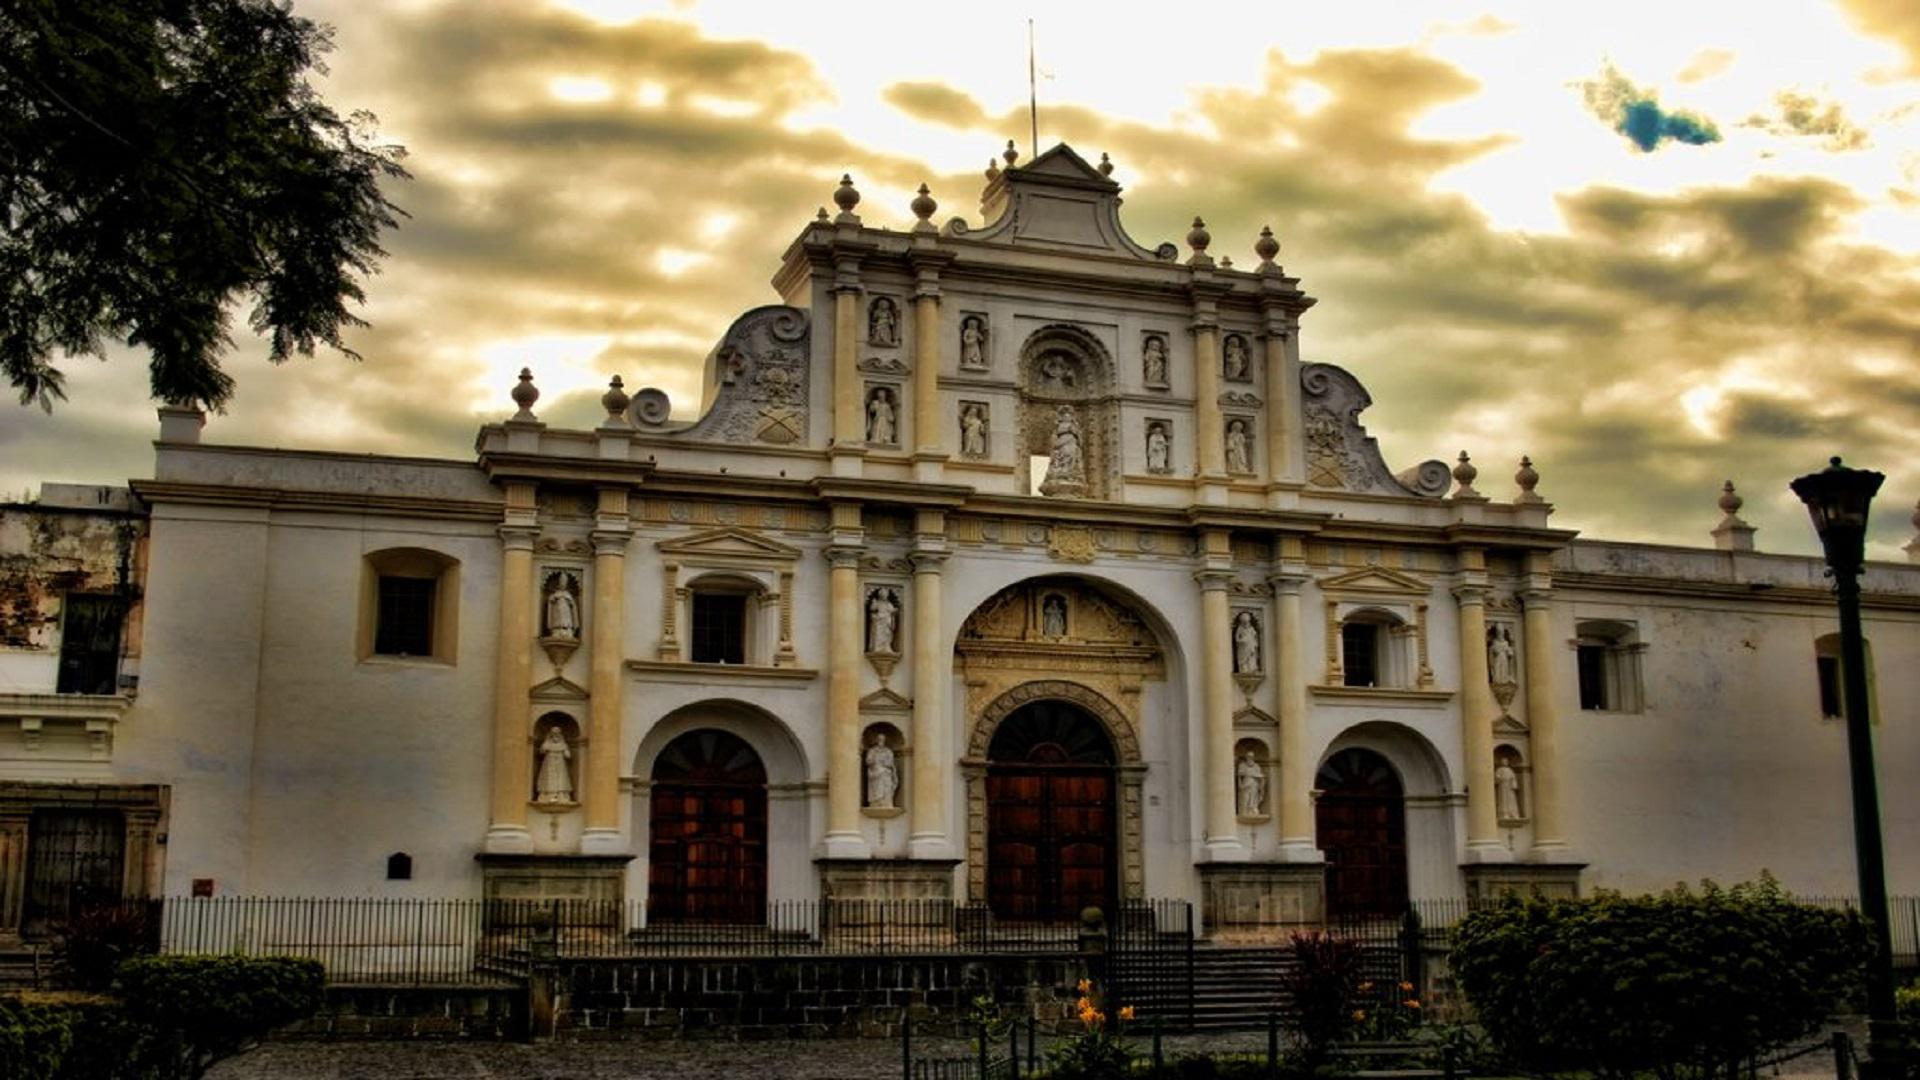 guatemala wallpapers wallpapersafari - photo #49